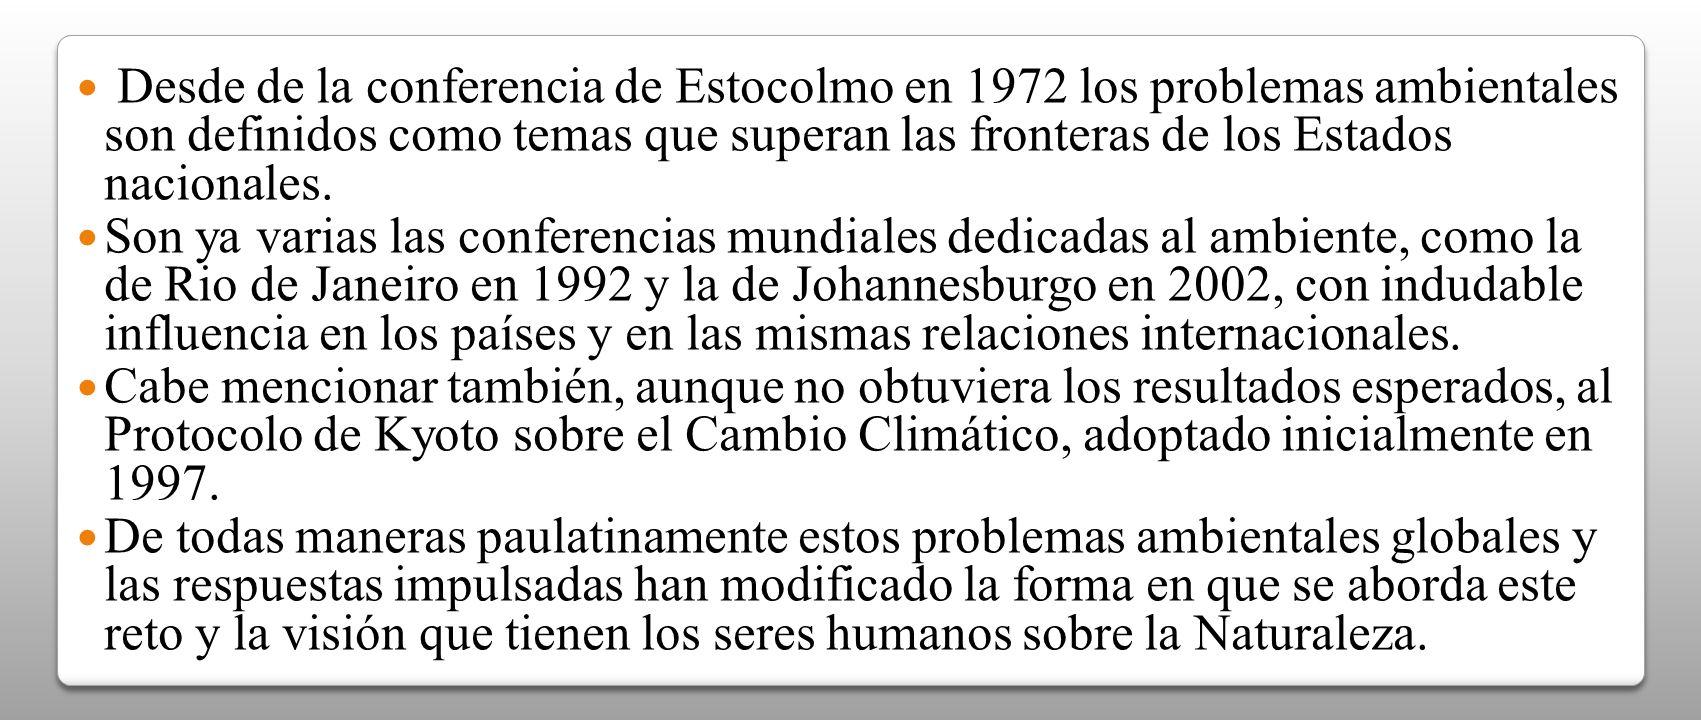 Desde de la conferencia de Estocolmo en 1972 los problemas ambientales son definidos como temas que superan las fronteras de los Estados nacionales.